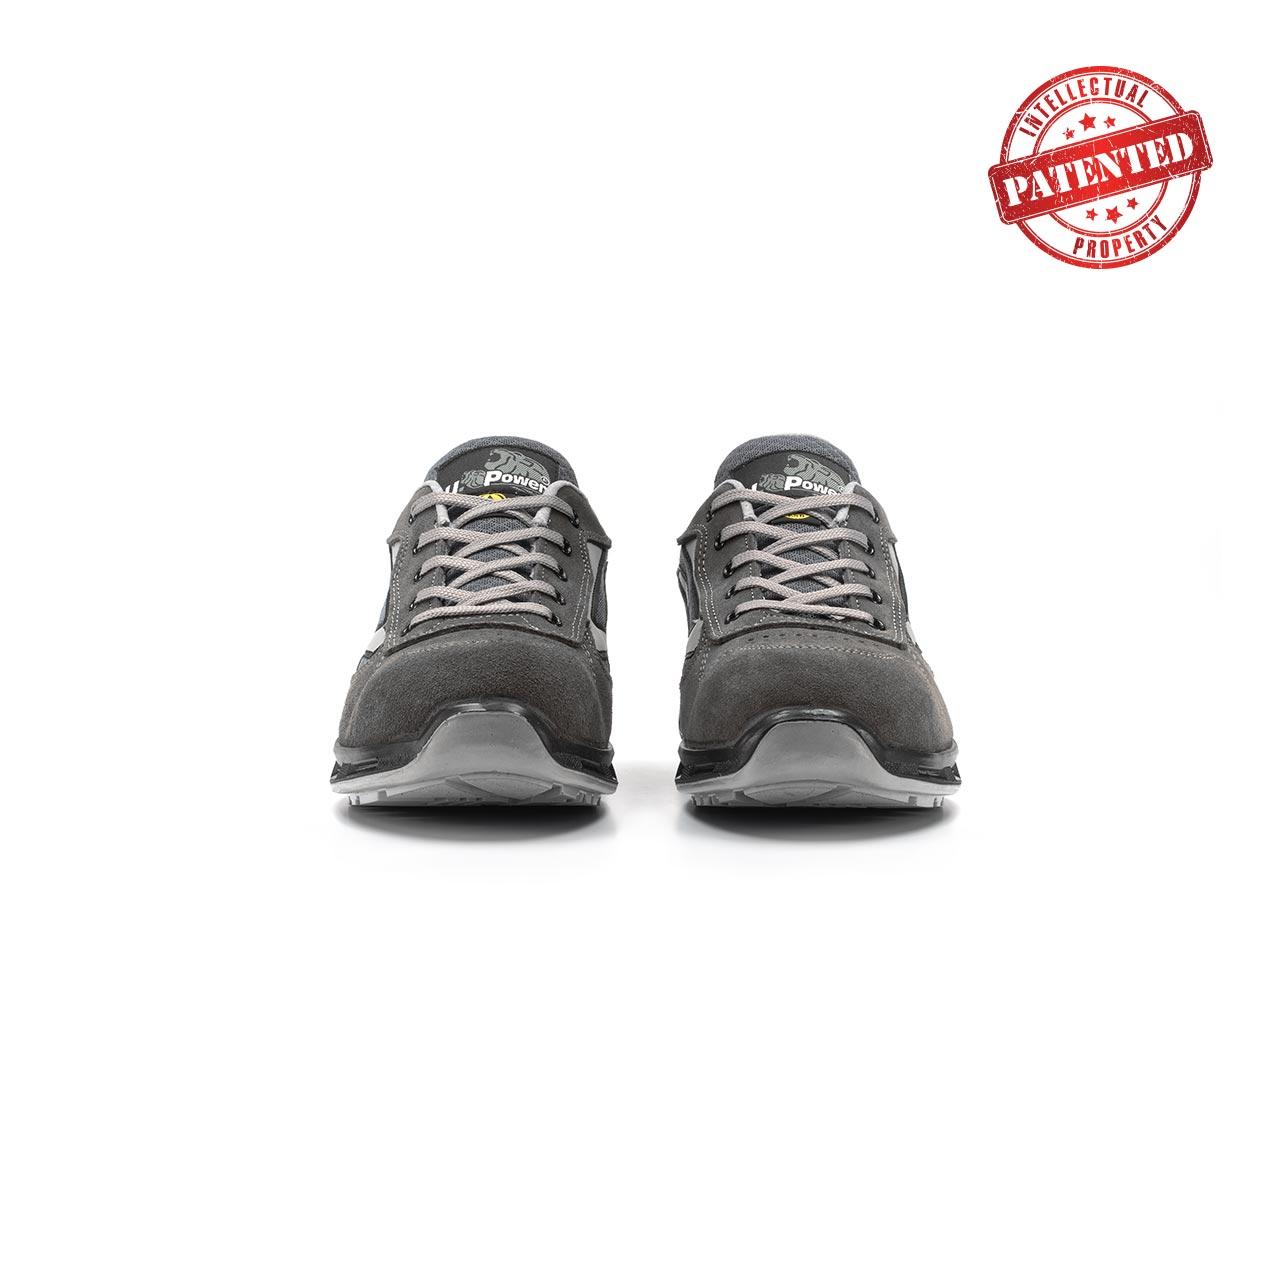 paio di scarpe antinfortunistiche upower modello push linea redlion vista frontale